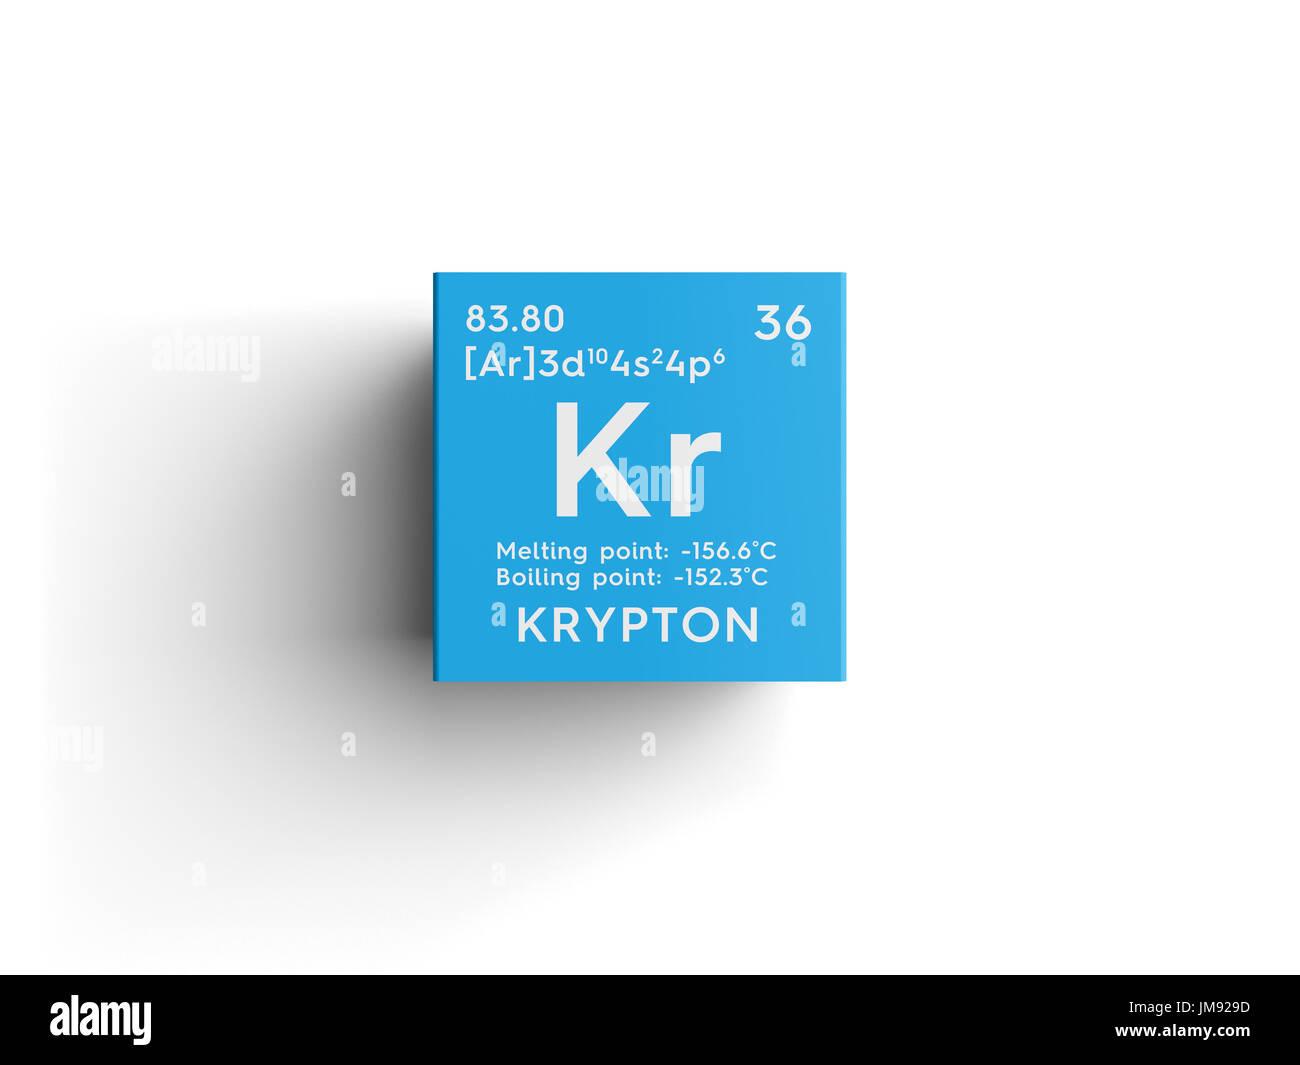 Kriptn los gases nobles elemento qumico de la tabla peridica de los gases nobles elemento qumico de la tabla peridica de mendeleyev kriptn en square cube concepto creativo urtaz Image collections